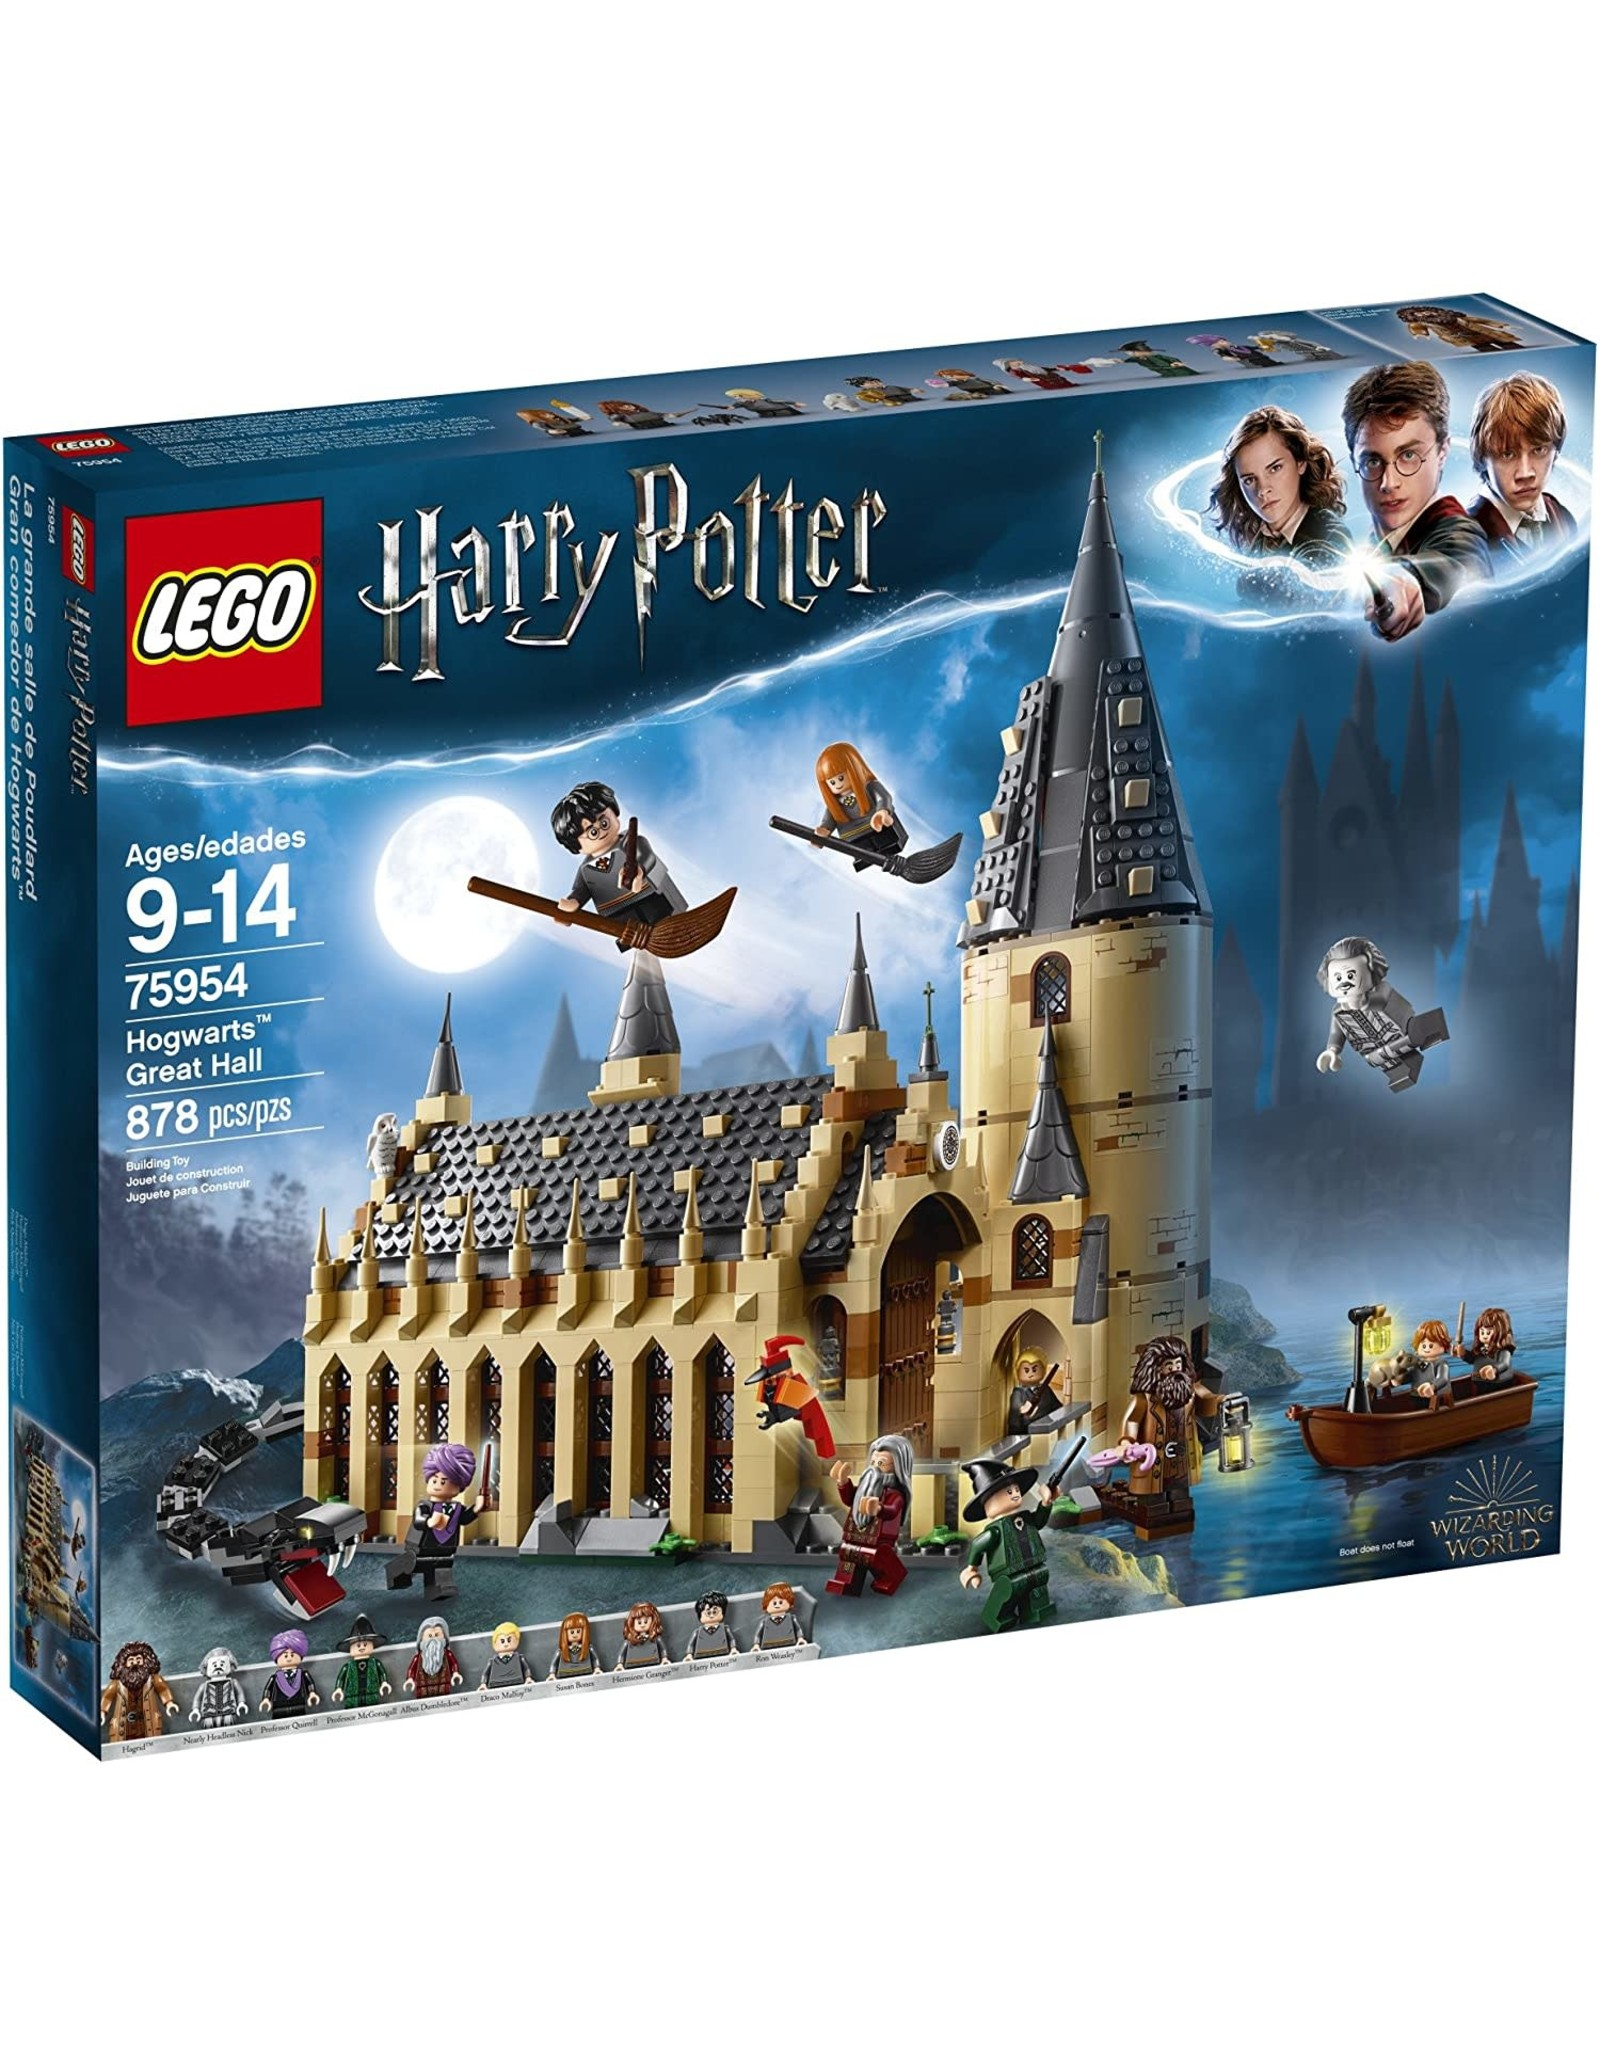 Lego Hogwarts Great Hall